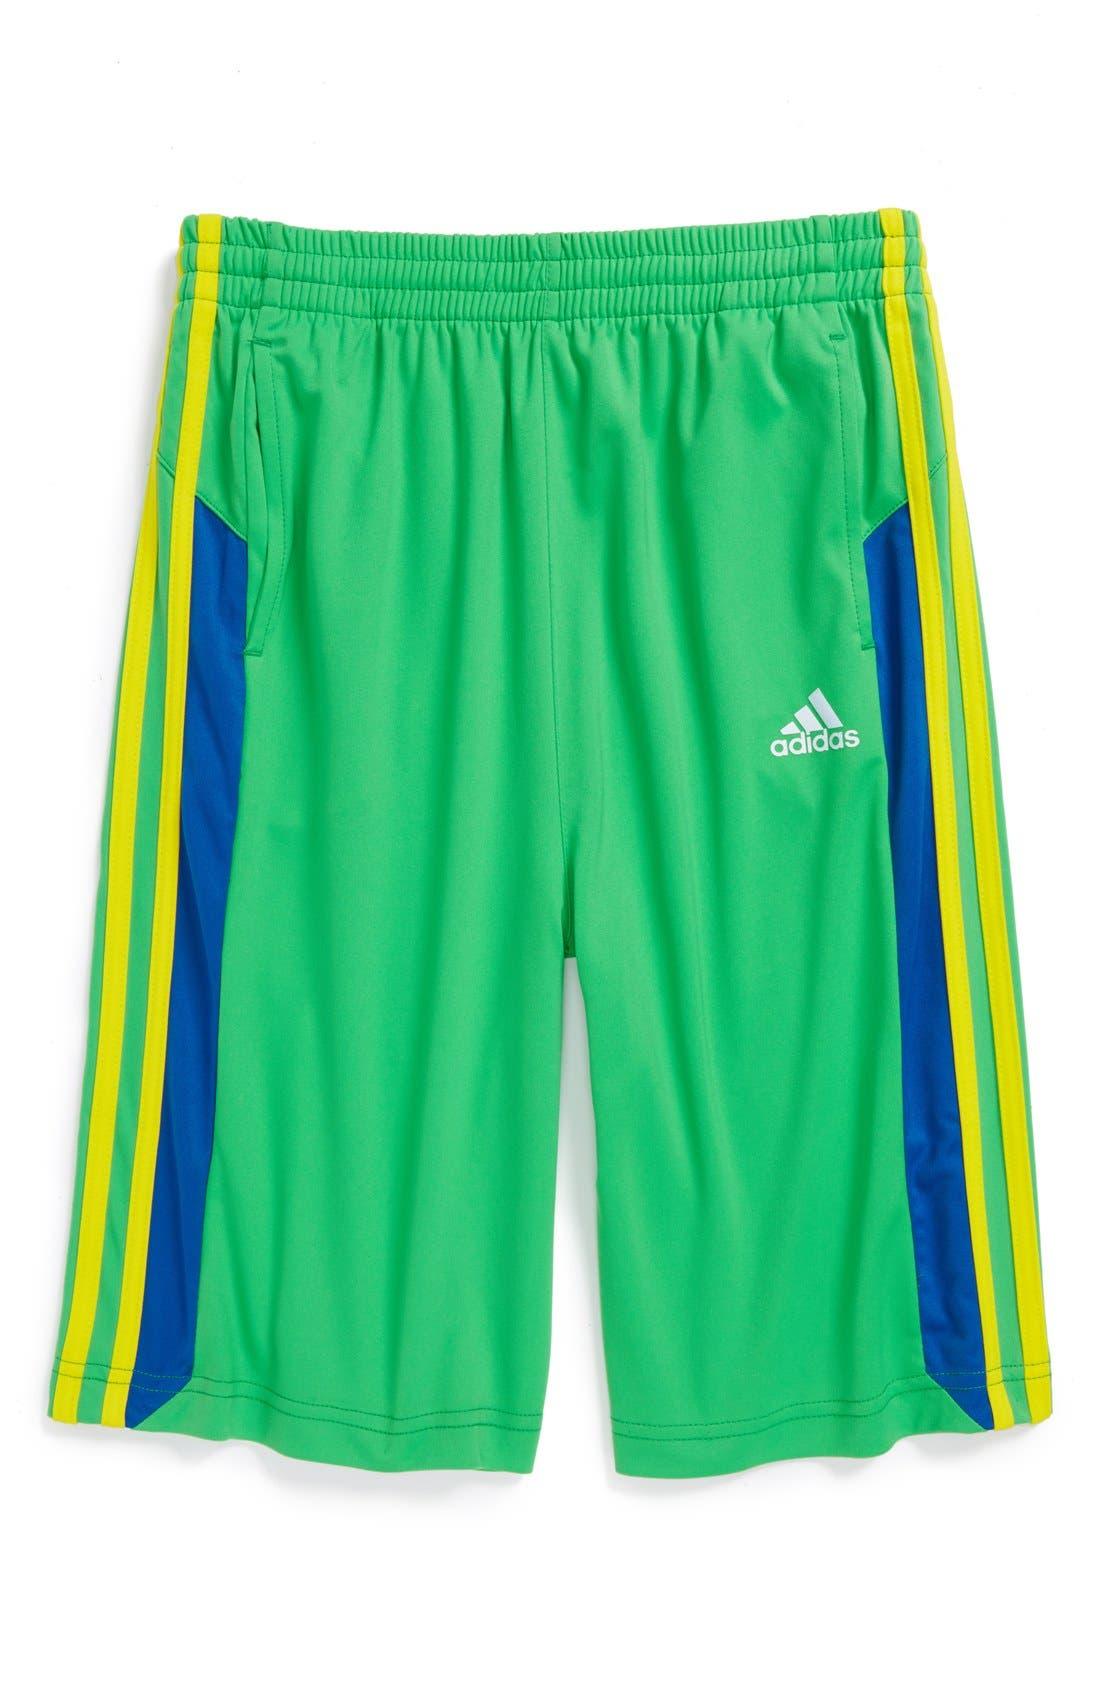 Main Image - adidas 'Global' Shorts (Big Boys)